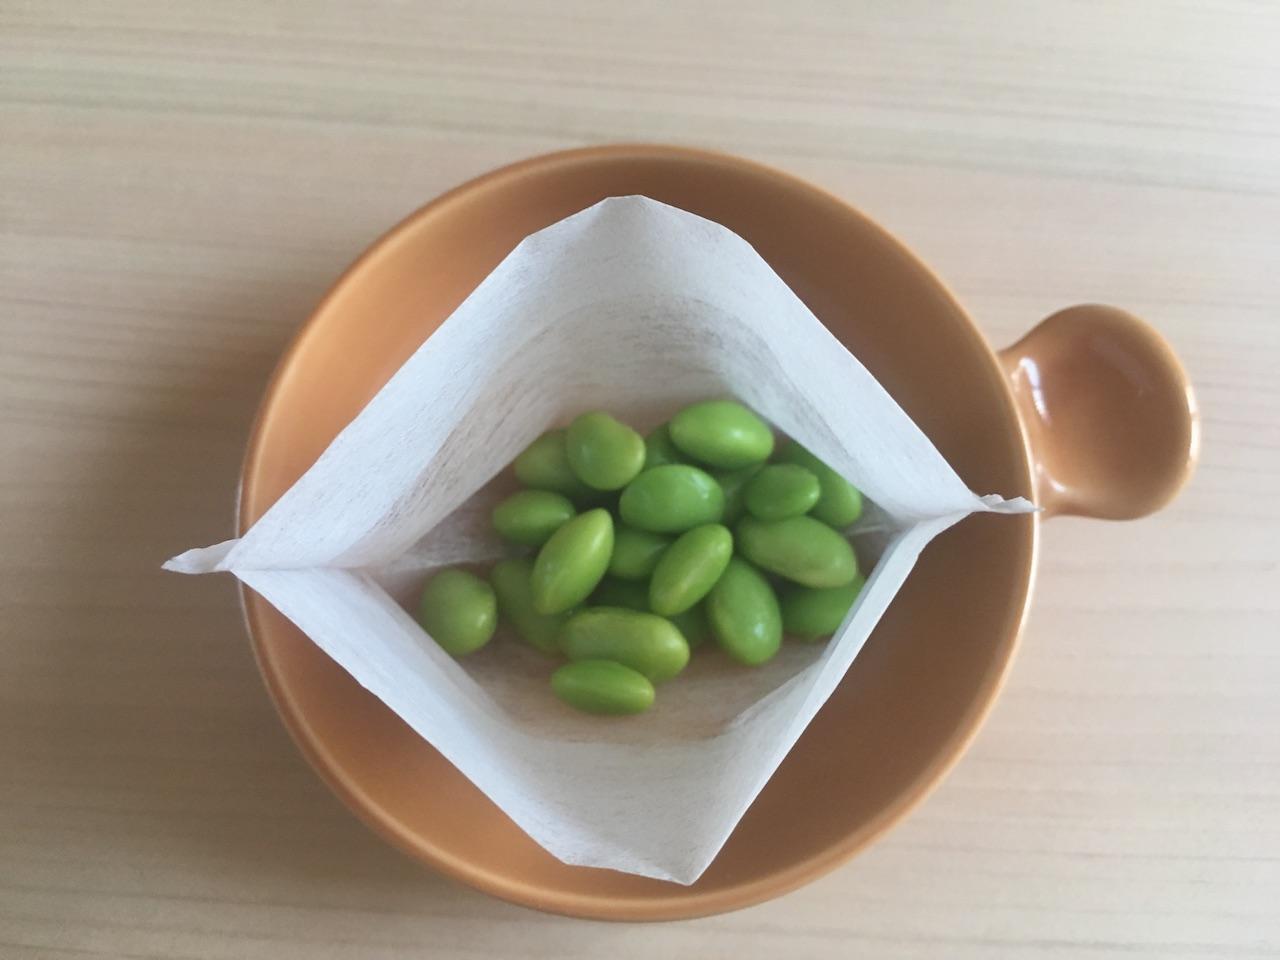 枝豆をお茶パックに入れて上から覗いてみたところ